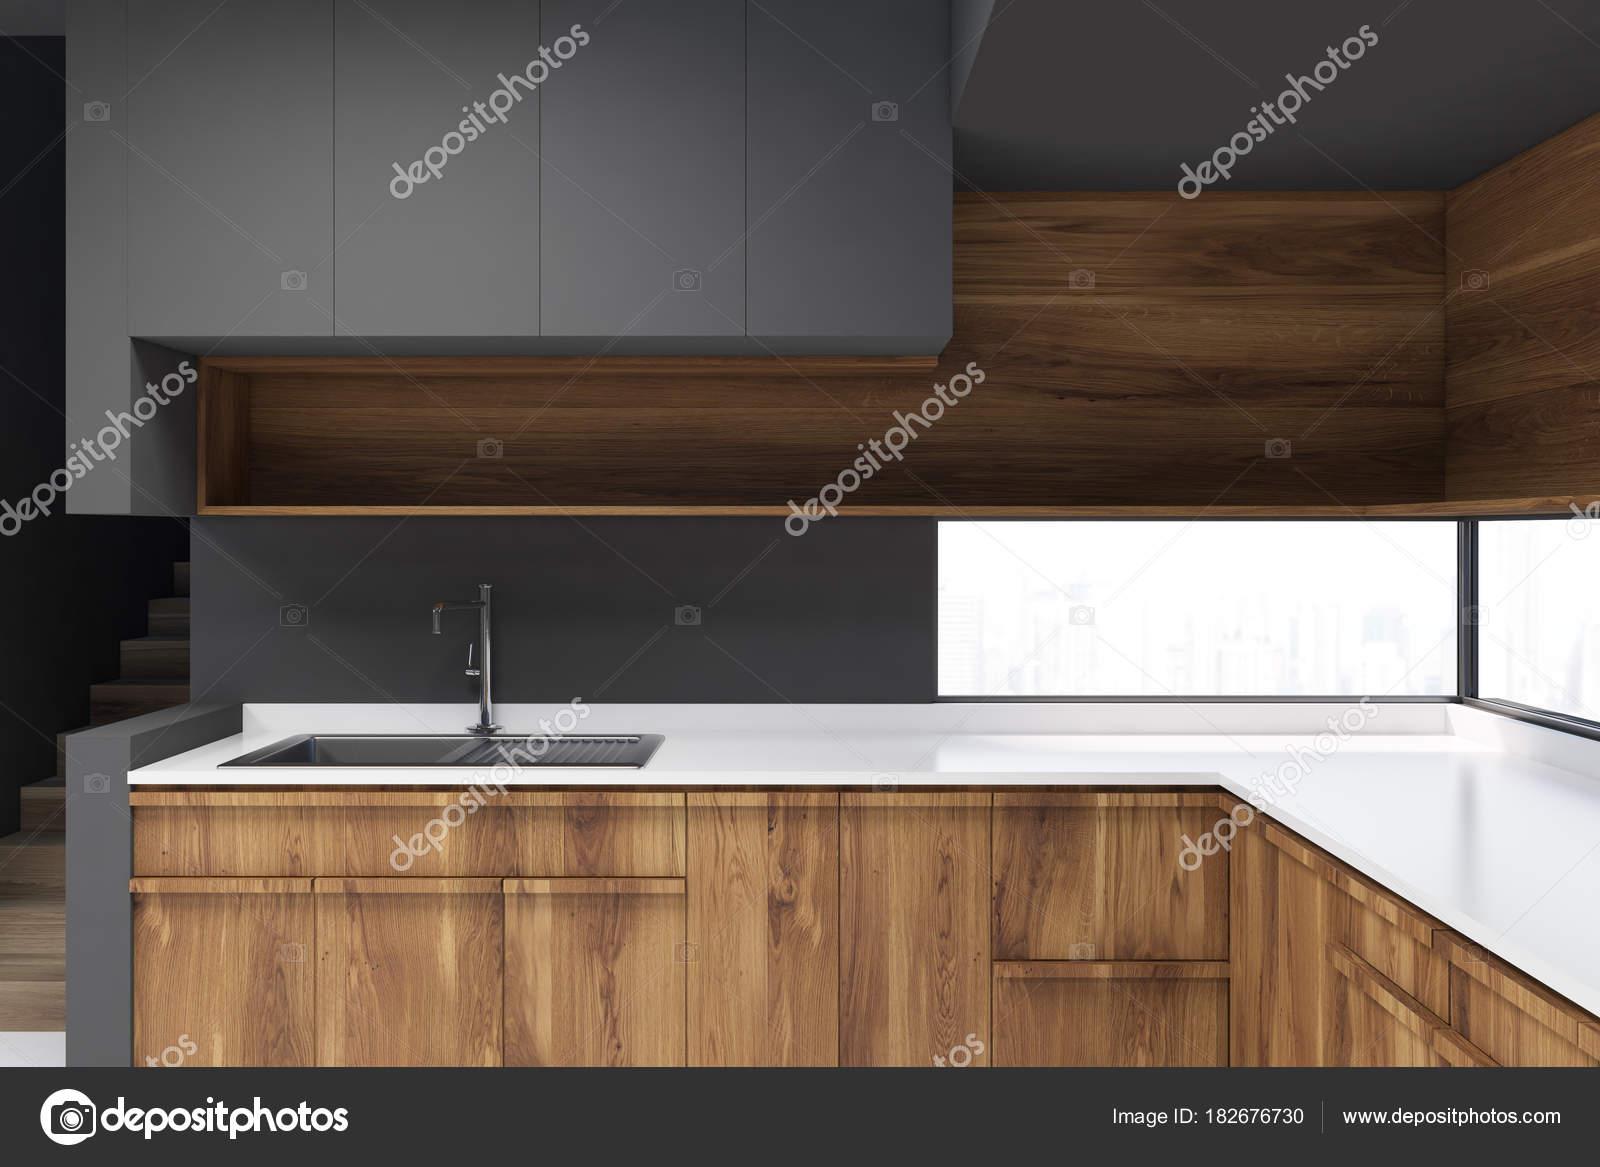 k che arbeitsplatten holz k che schiebet r ikea knox spritzschutz mit eigenem foto eckbank. Black Bedroom Furniture Sets. Home Design Ideas